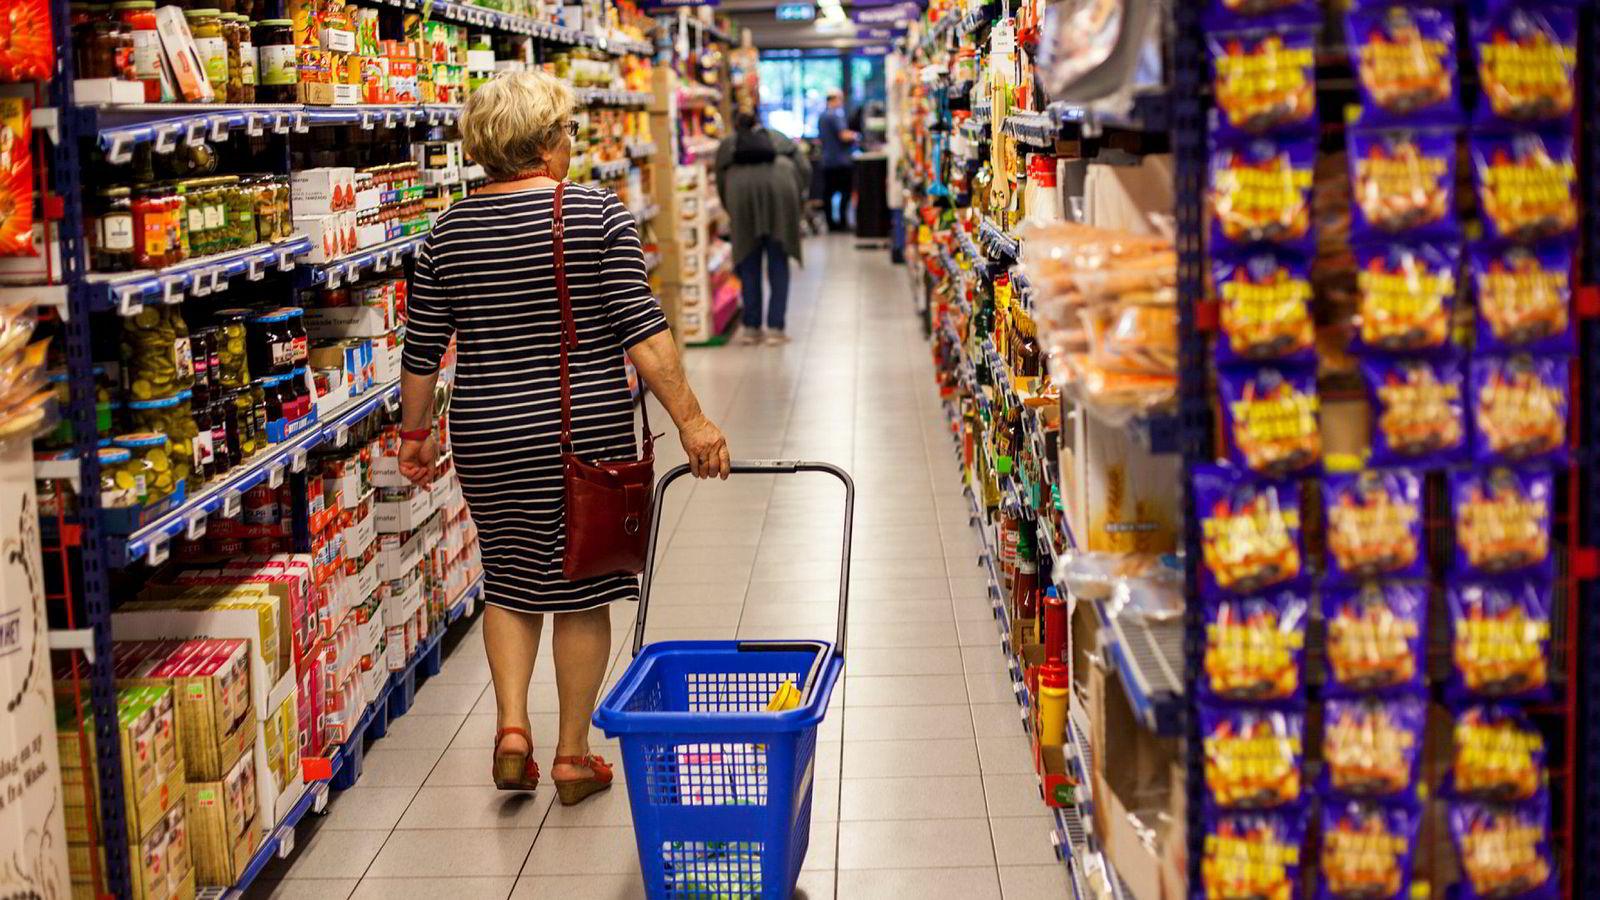 Nå er det på høy tid at maten blir merket slik at vi kan ta gode klimavalg, skriver artikkelforfatteren.